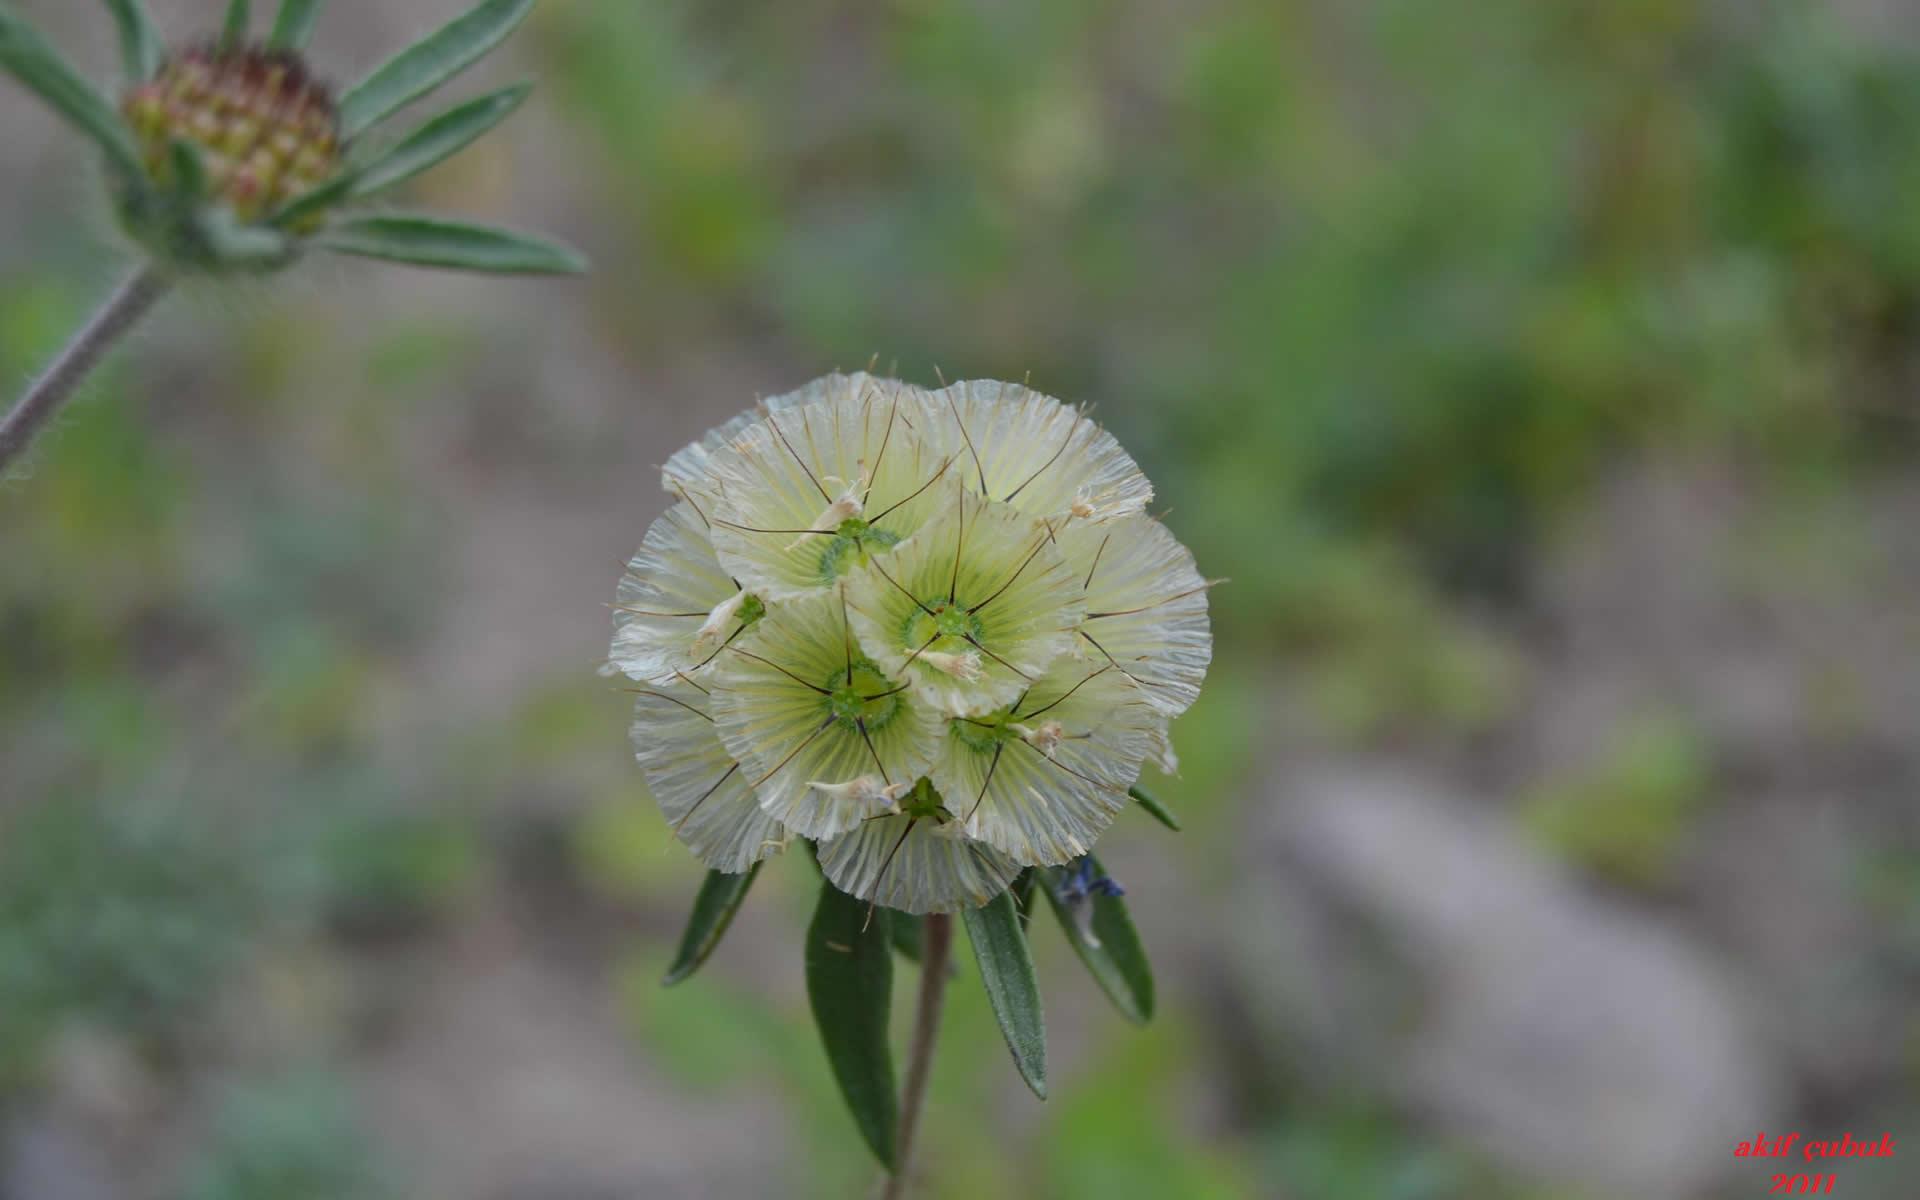 ilginç çiçek